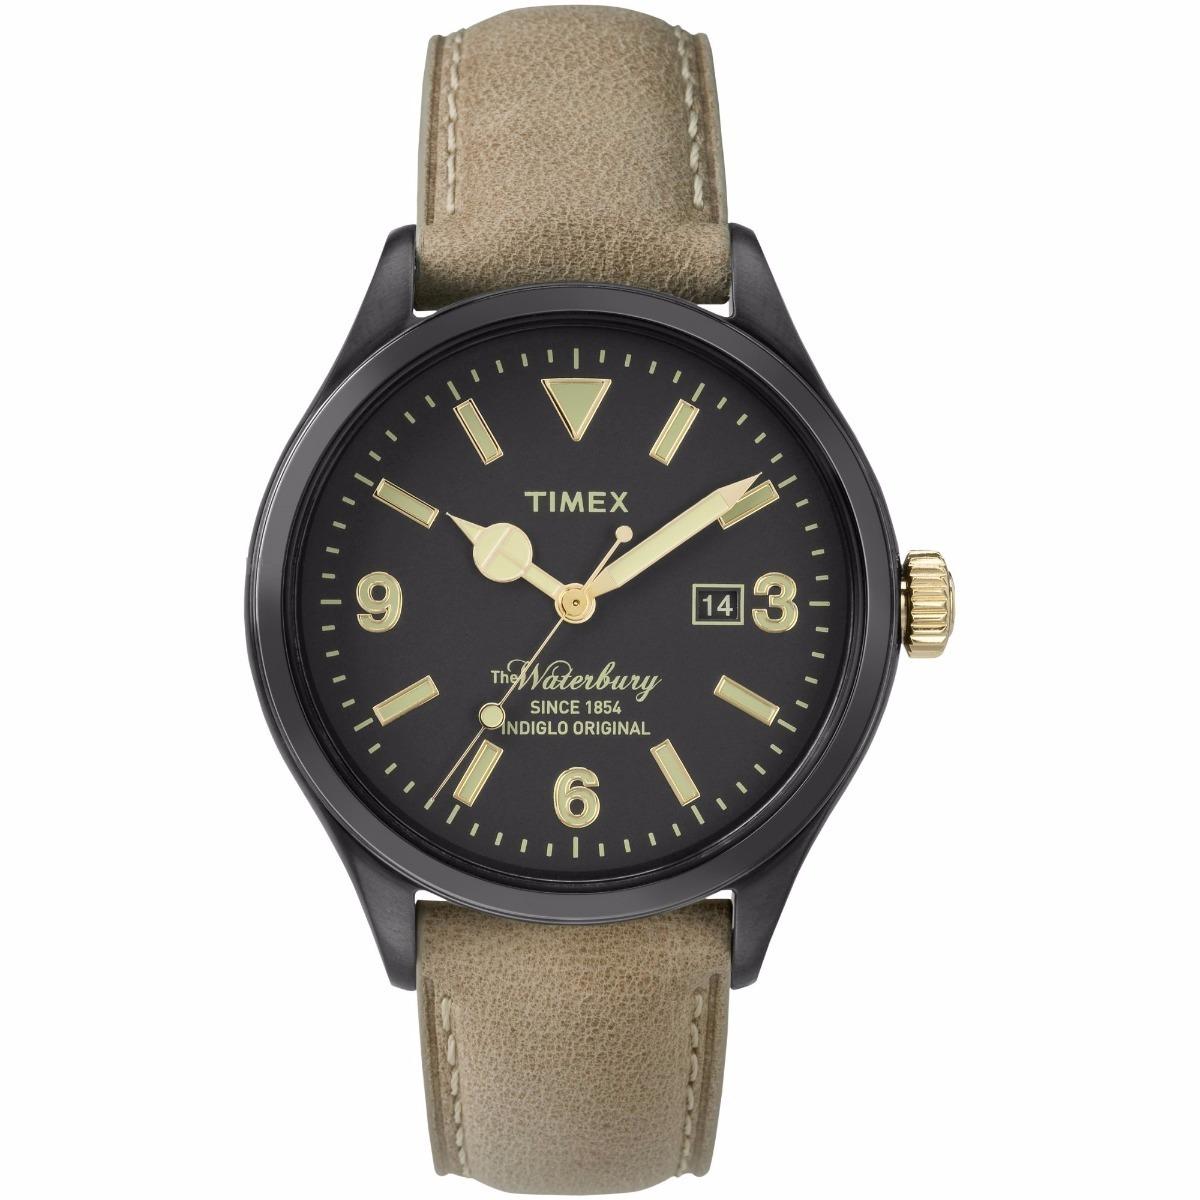 38c1a2e71e6a reloj timex tw2p74900 100% original para caballero. Cargando zoom.